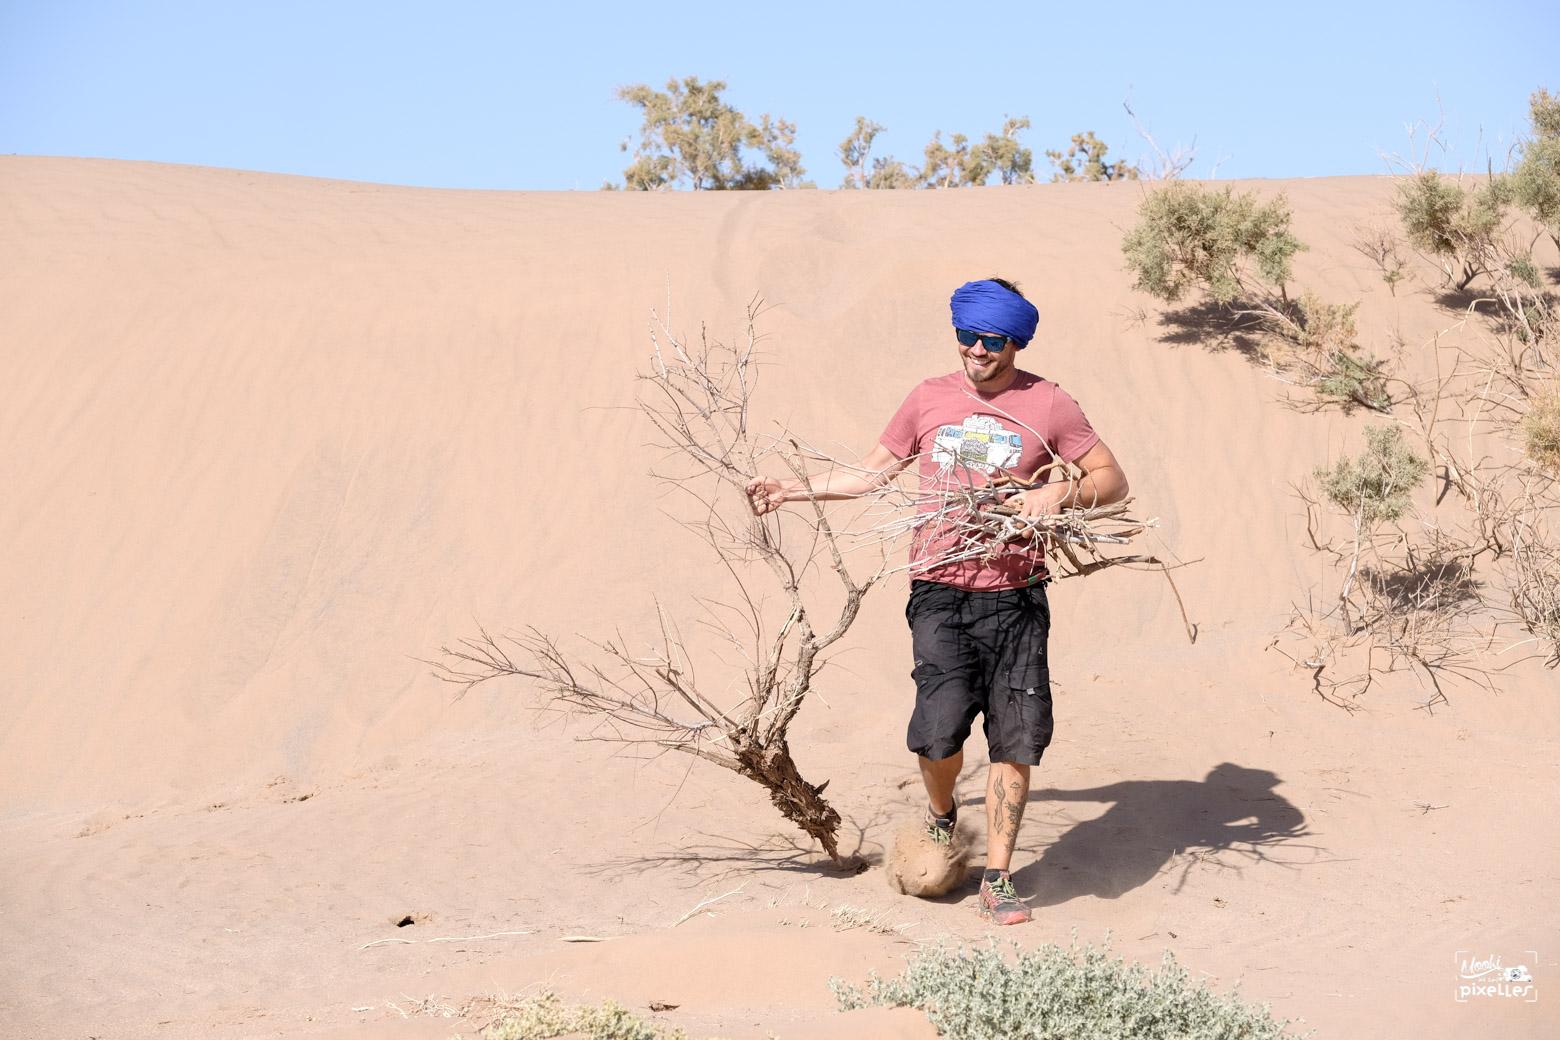 Ramassage de bois pour le feu dans le désert